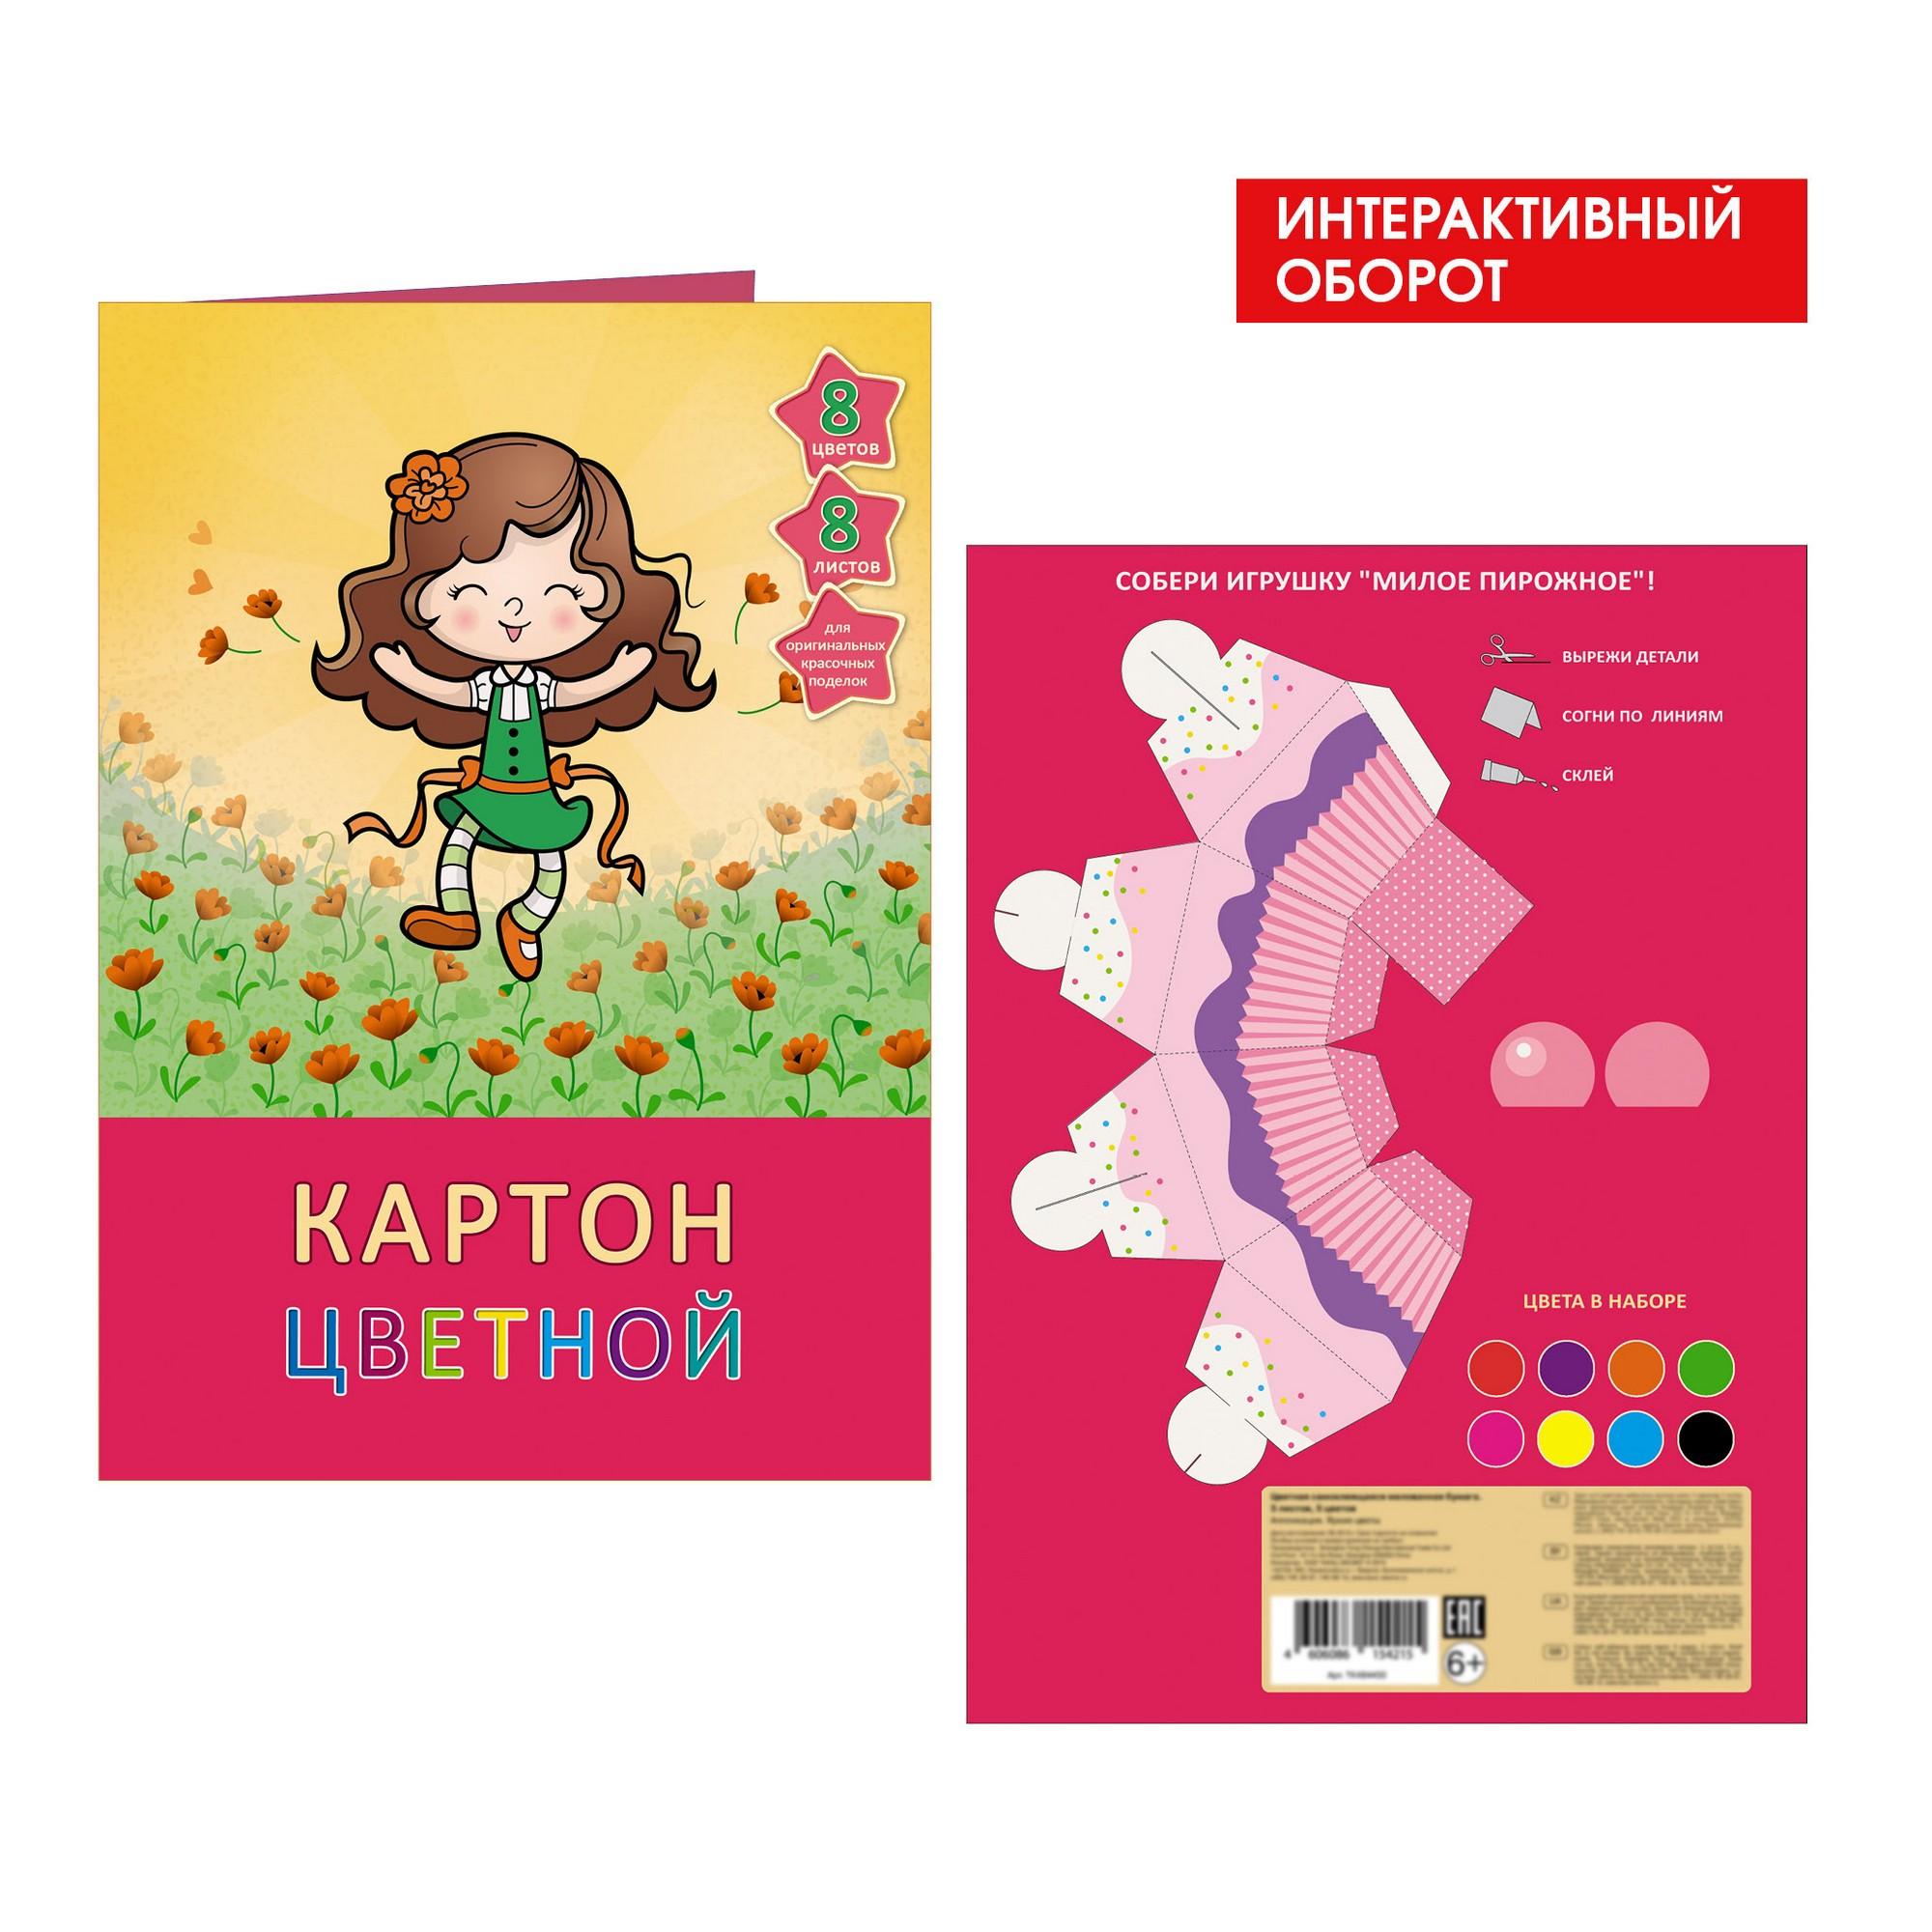 Картон цветной А4 8л 8цв Счастливая девочка